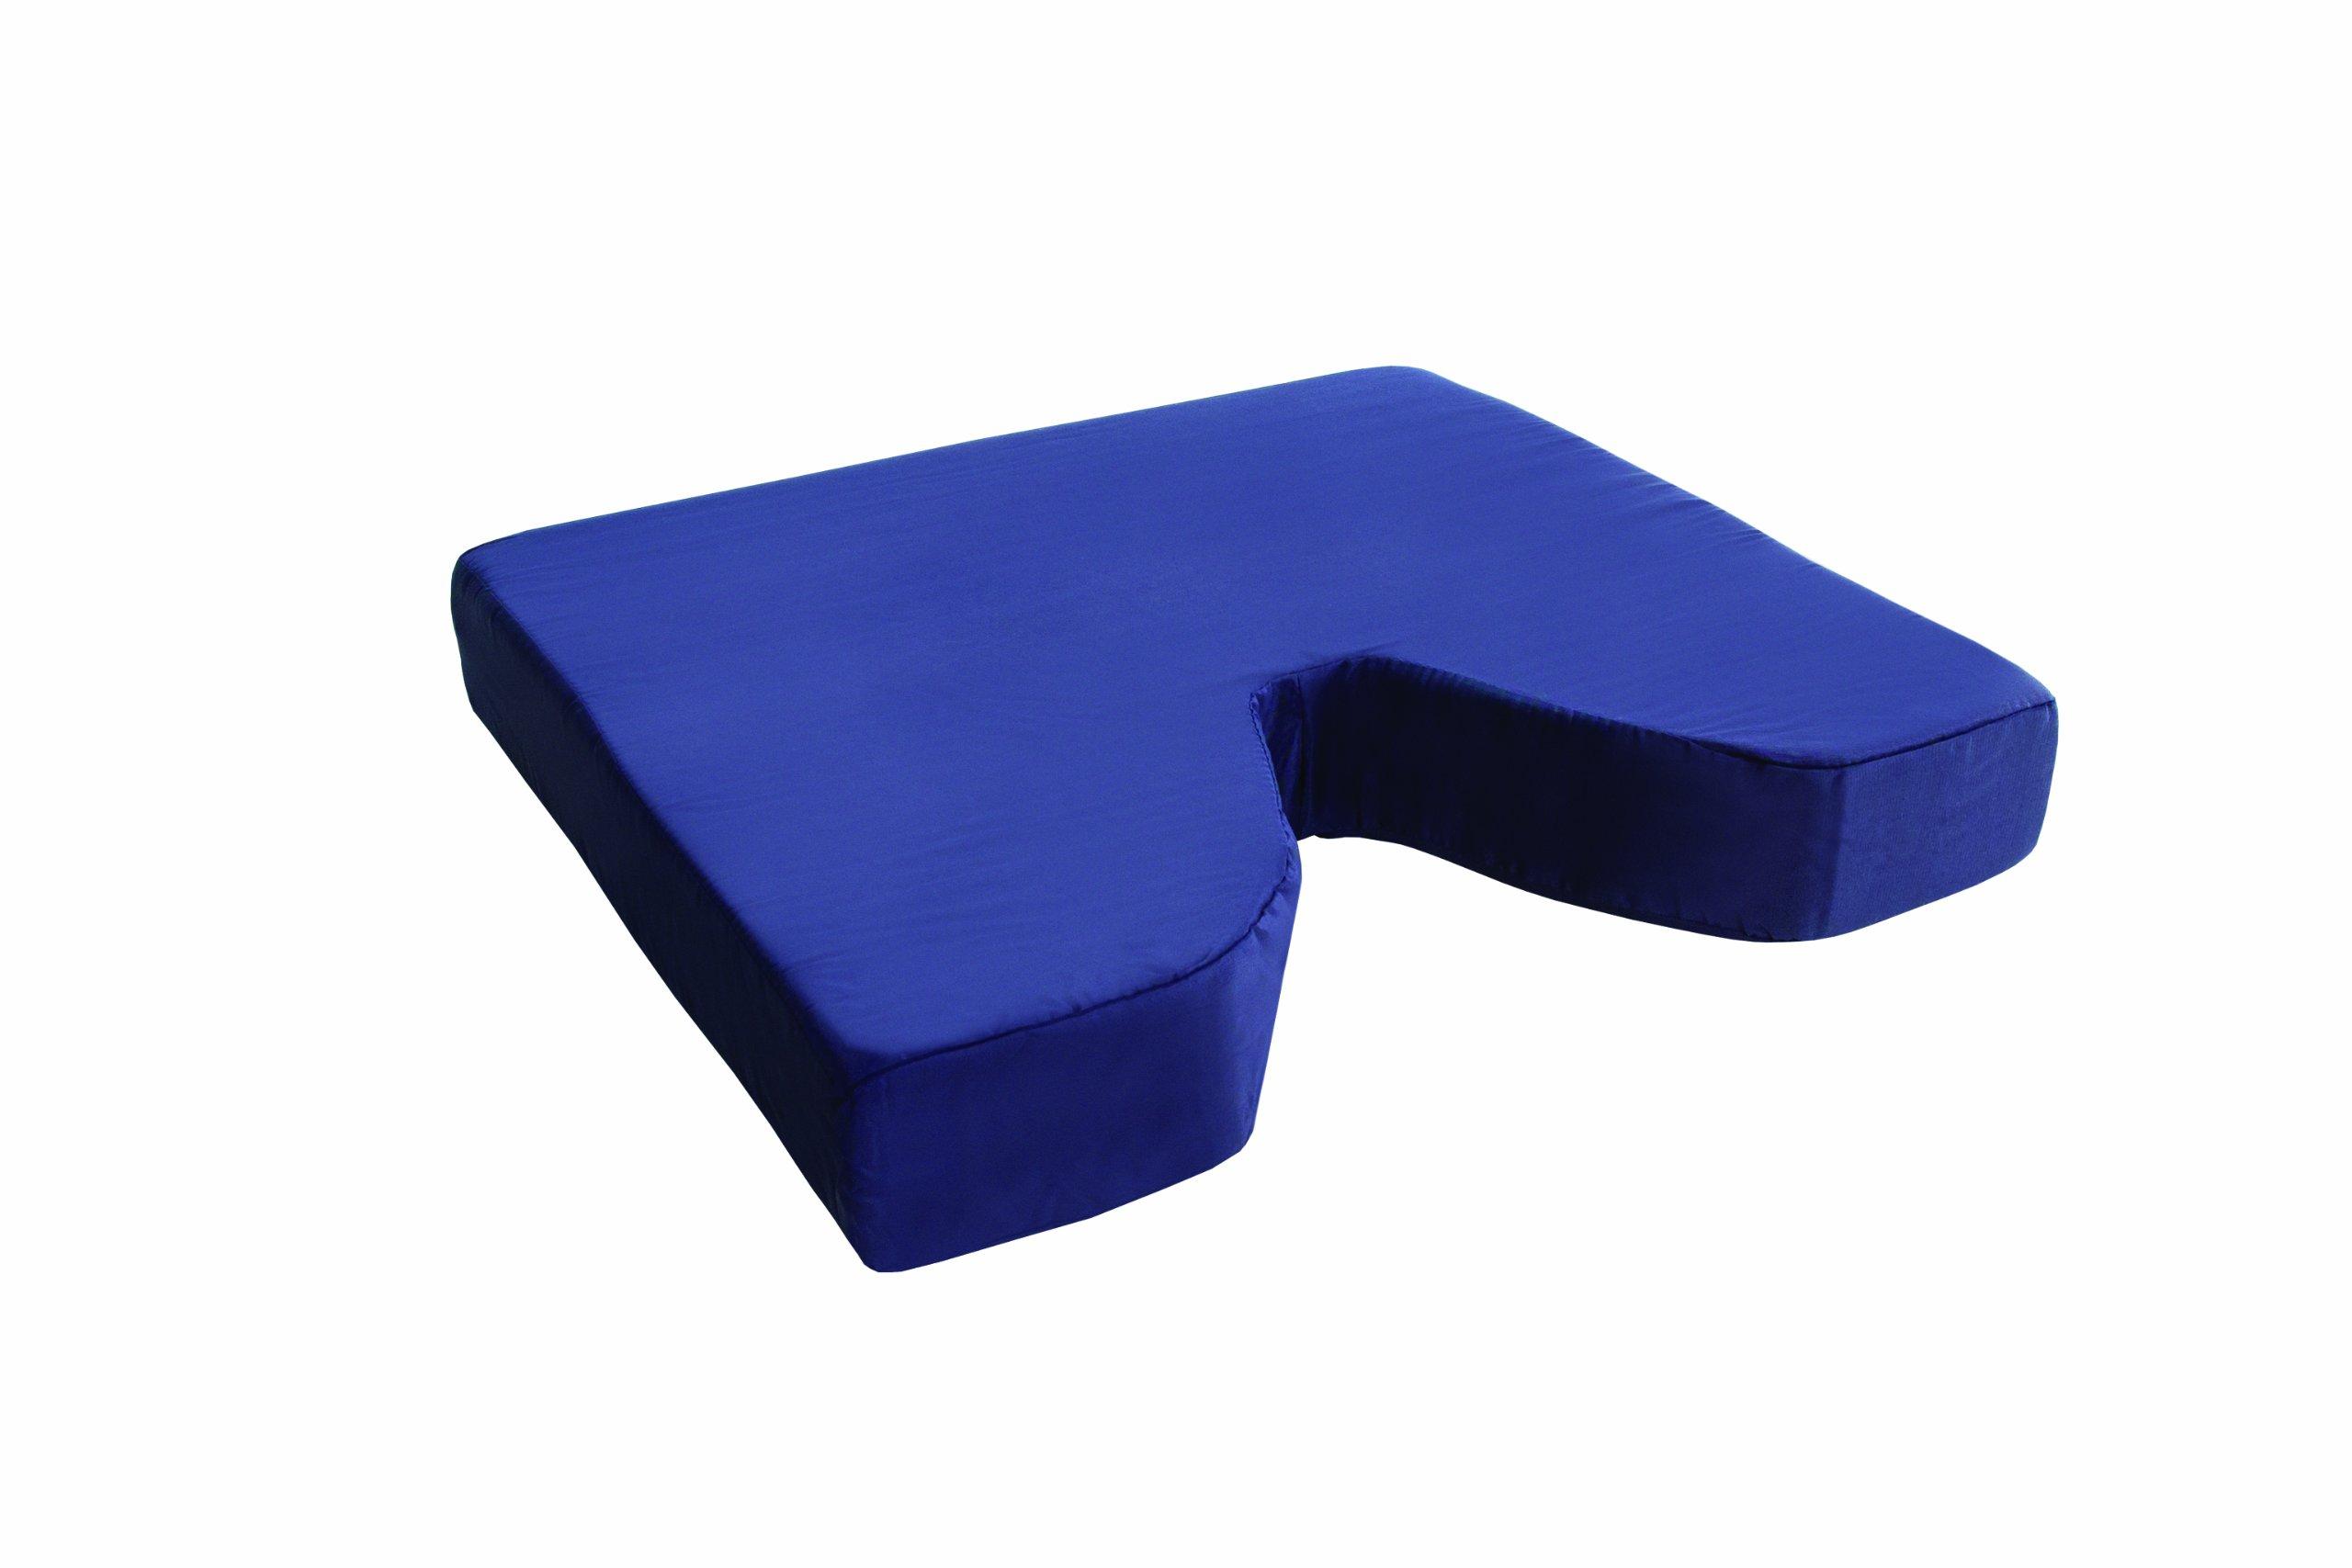 Essential Medical Supply Coccyx Cushion, 16 Inch X 16 Inch X 3 Inch by Essential Medical Supply